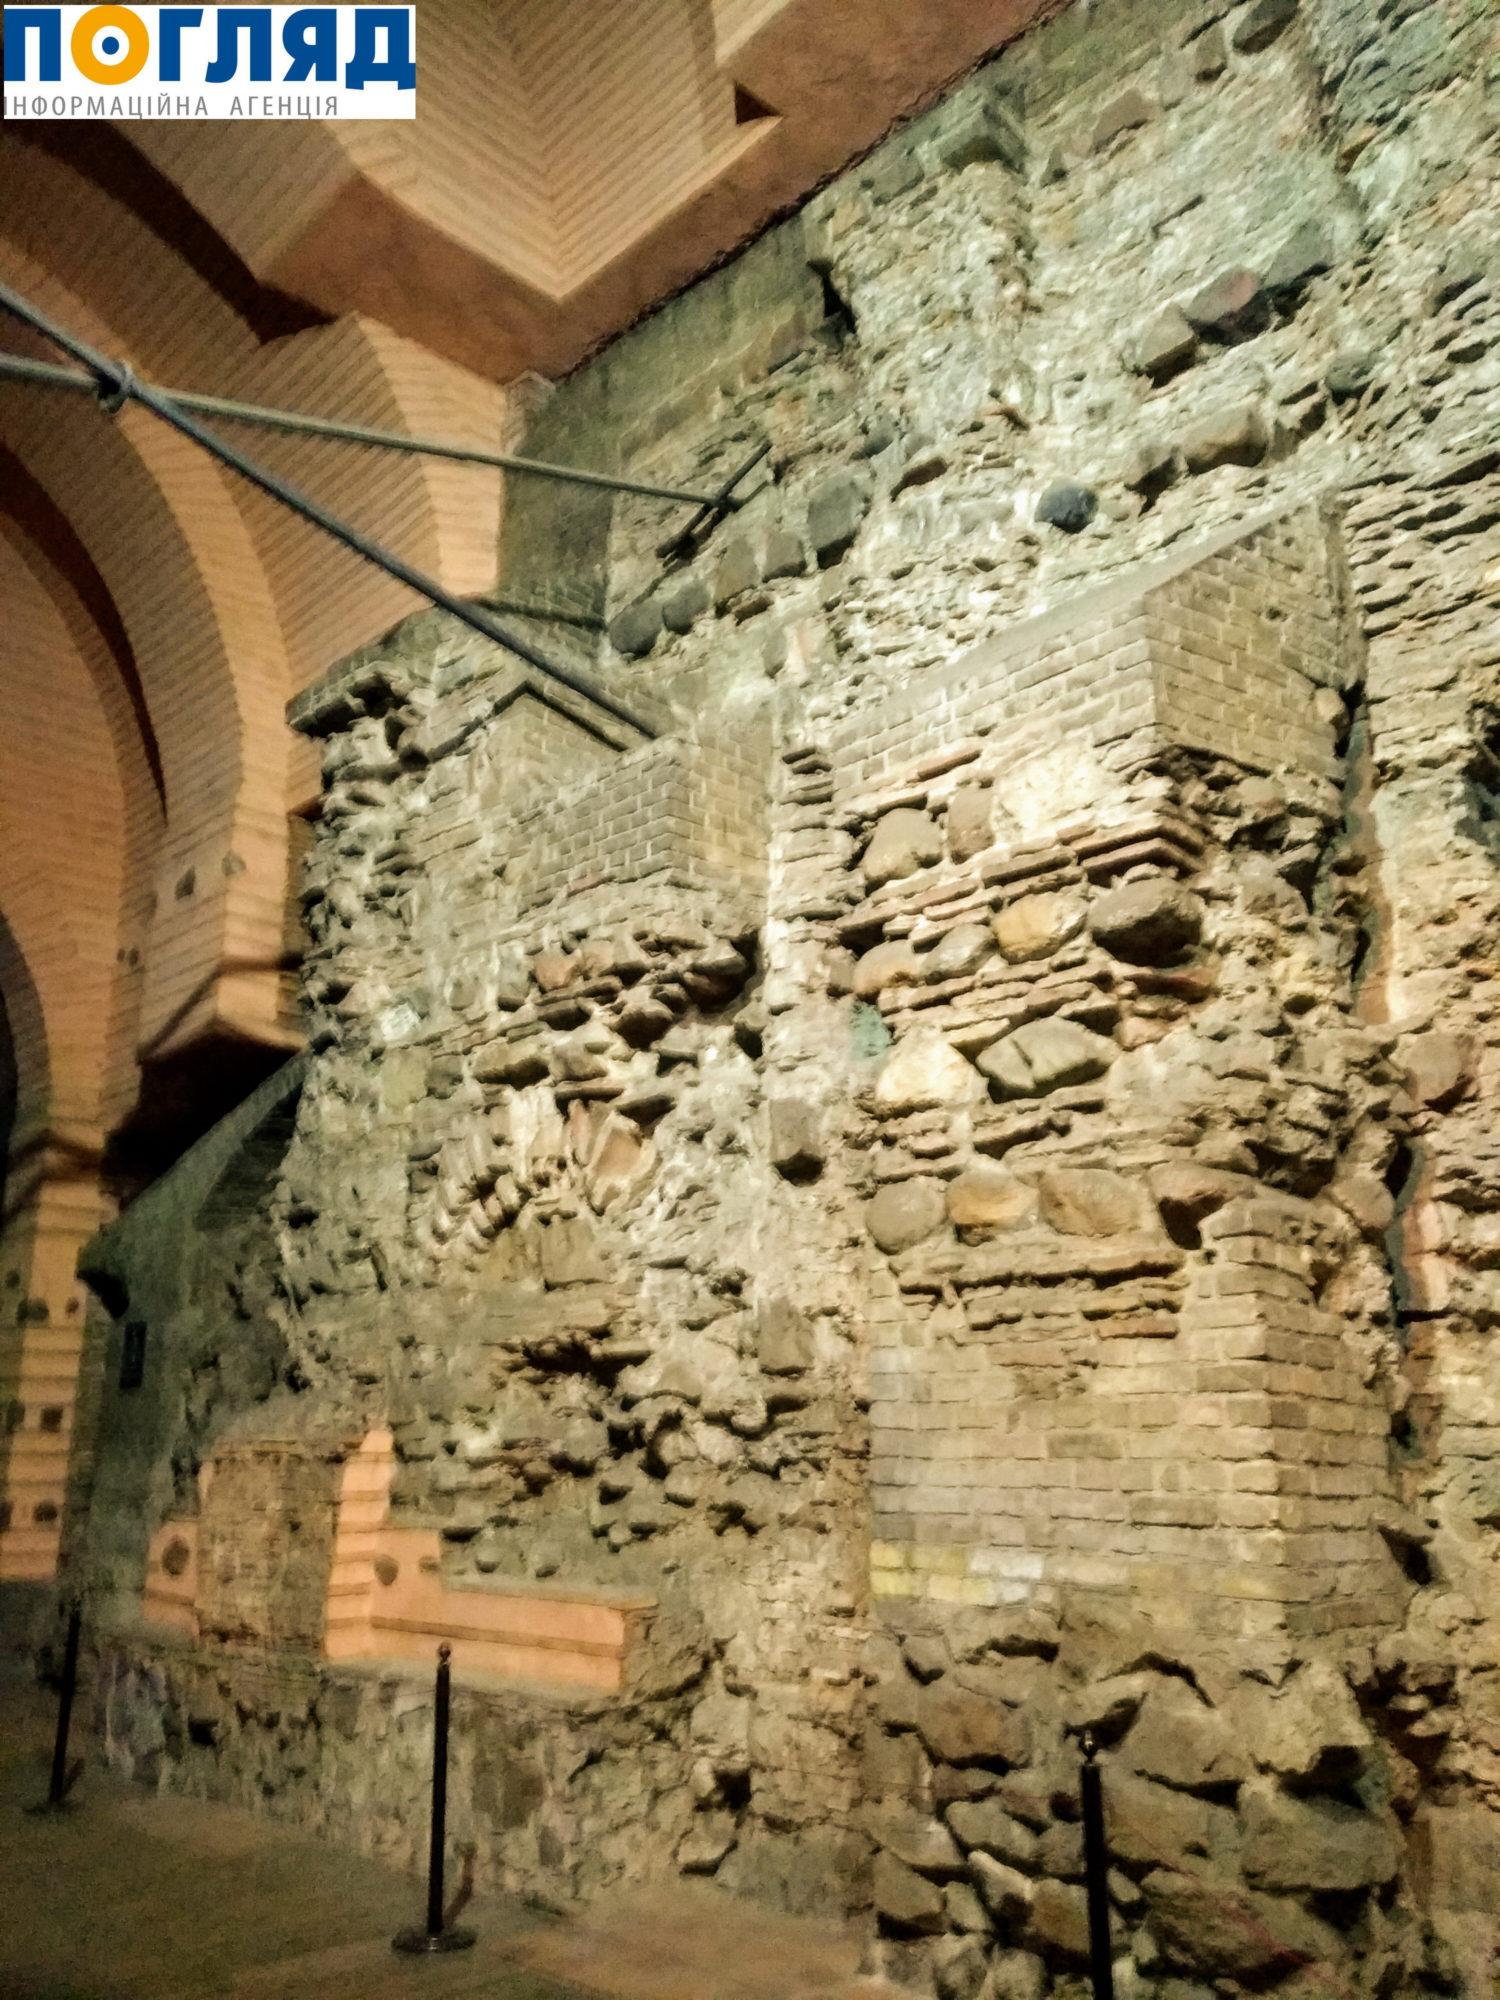 Музей «Золоті ворота» в Києві перейшов на зимовий графік роботи -  - IMG 20191117 1610182 1500x2000